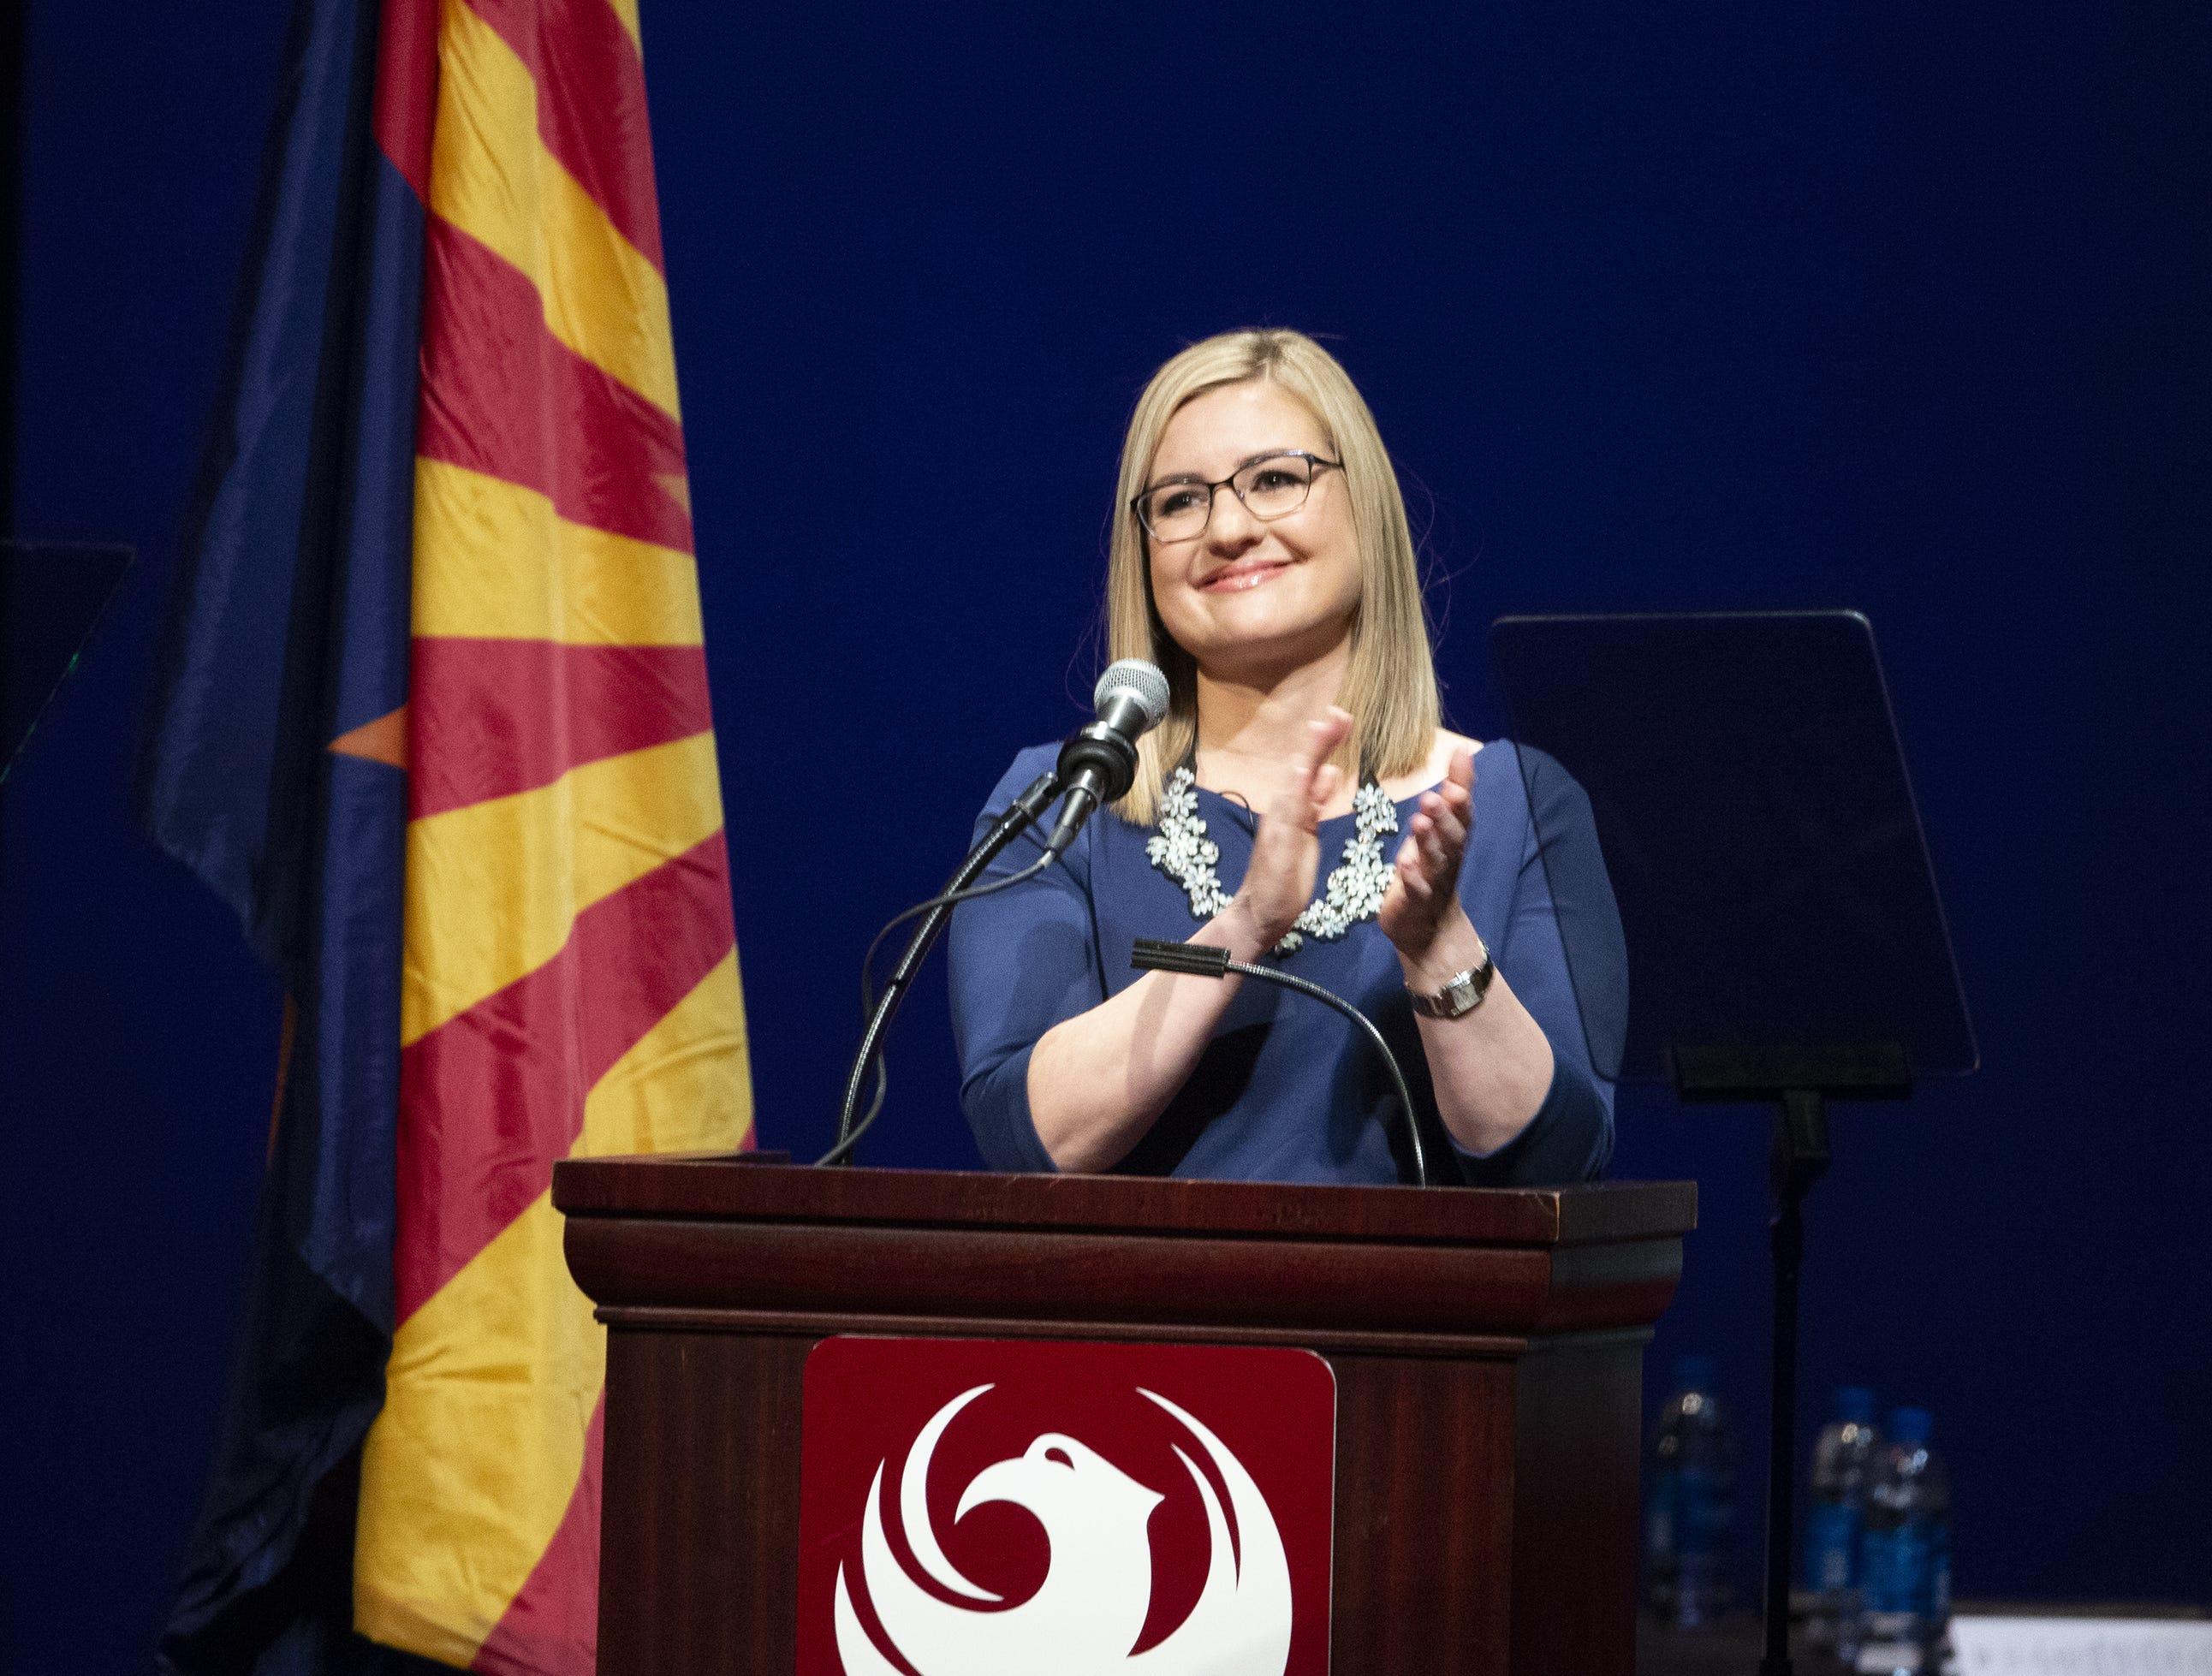 La nueva alcaldesa de Phoenix Kate Gallego aplaude en el podio durante la ceremonia inaugural el 21 de marzo de  2019, en el Orpheum Theatre.